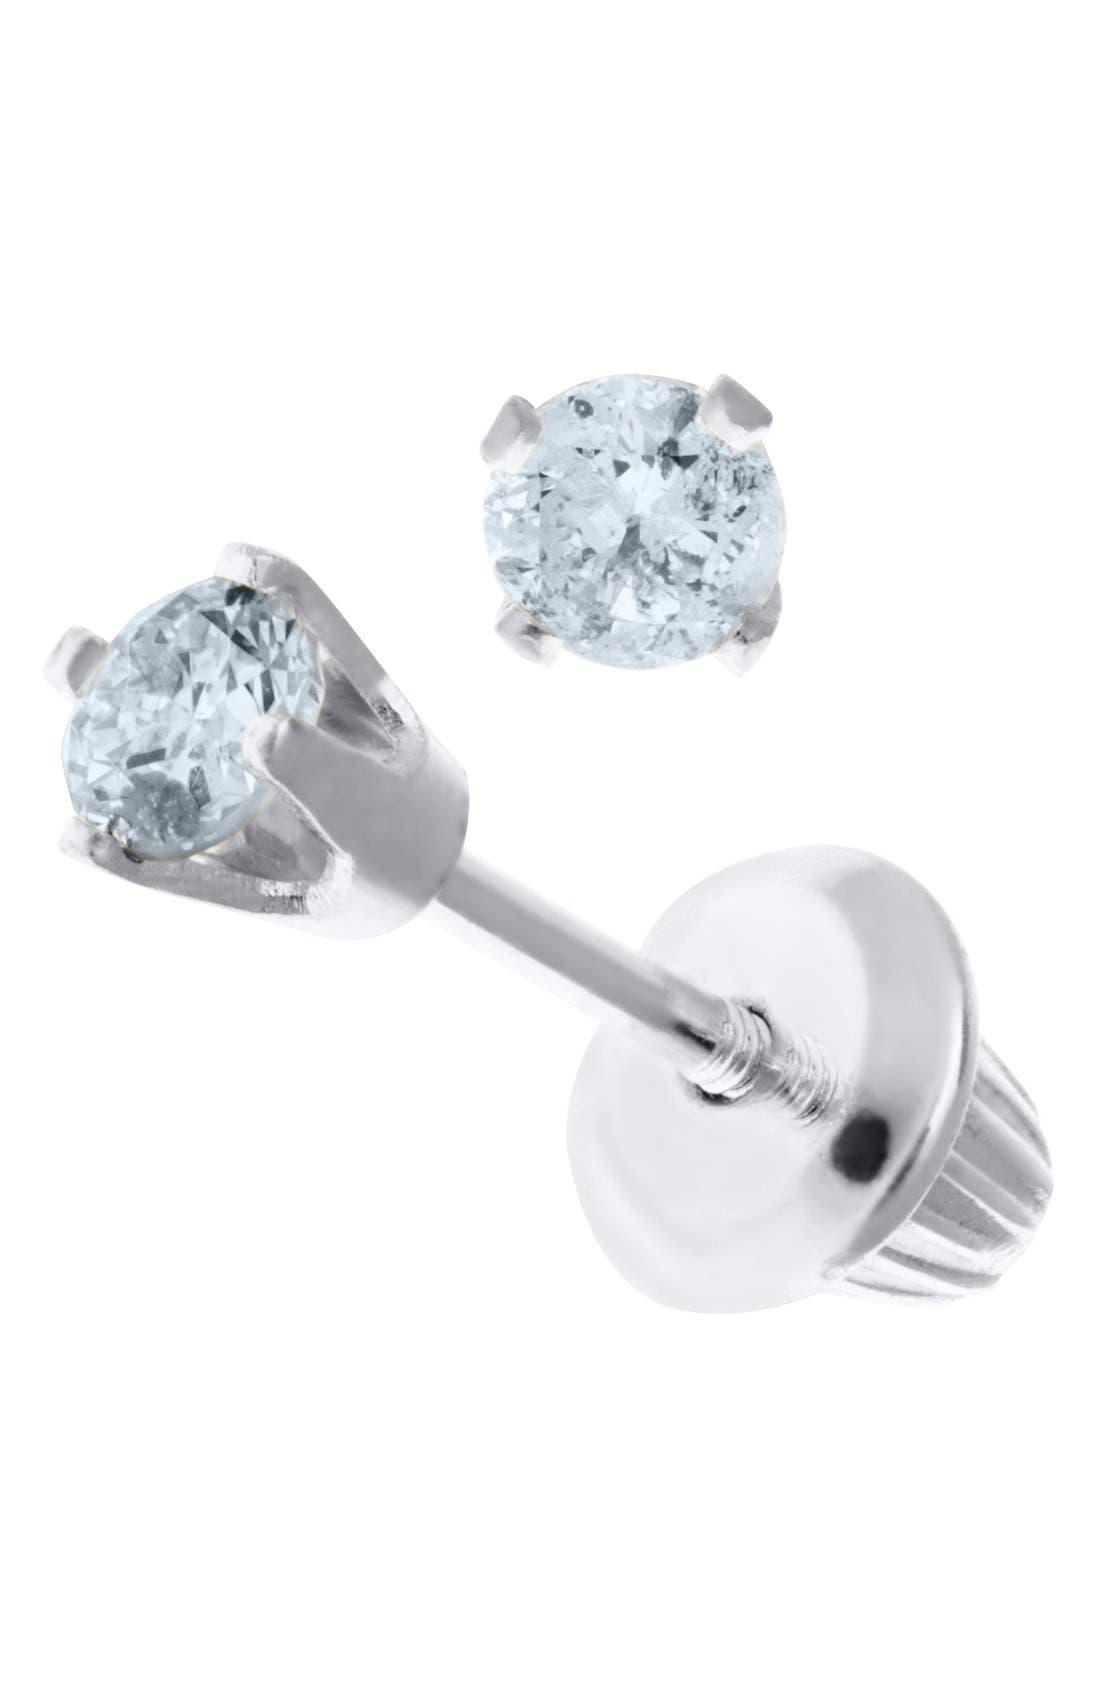 14k White Gold & Diamond Stud Earrings,                             Alternate thumbnail 2, color,                             SILVER